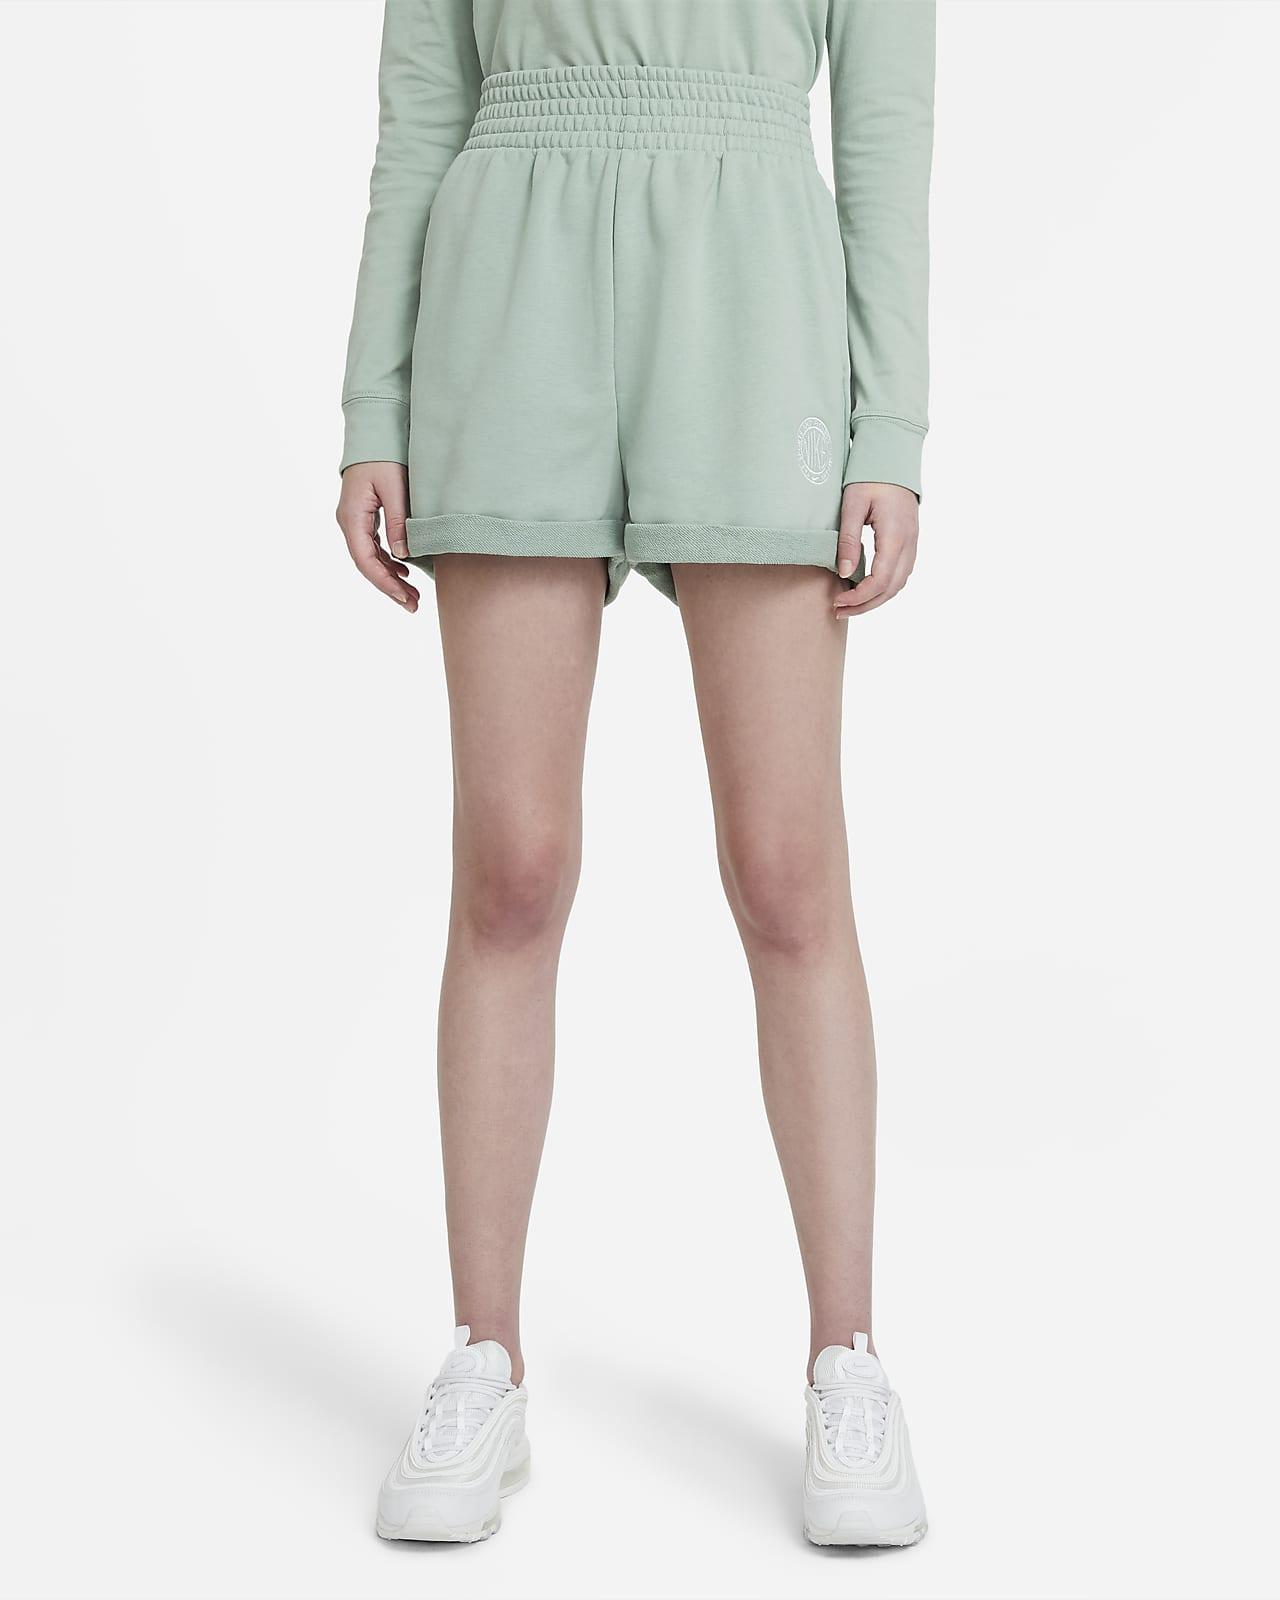 Calções Nike Sportswear Femme para mulher